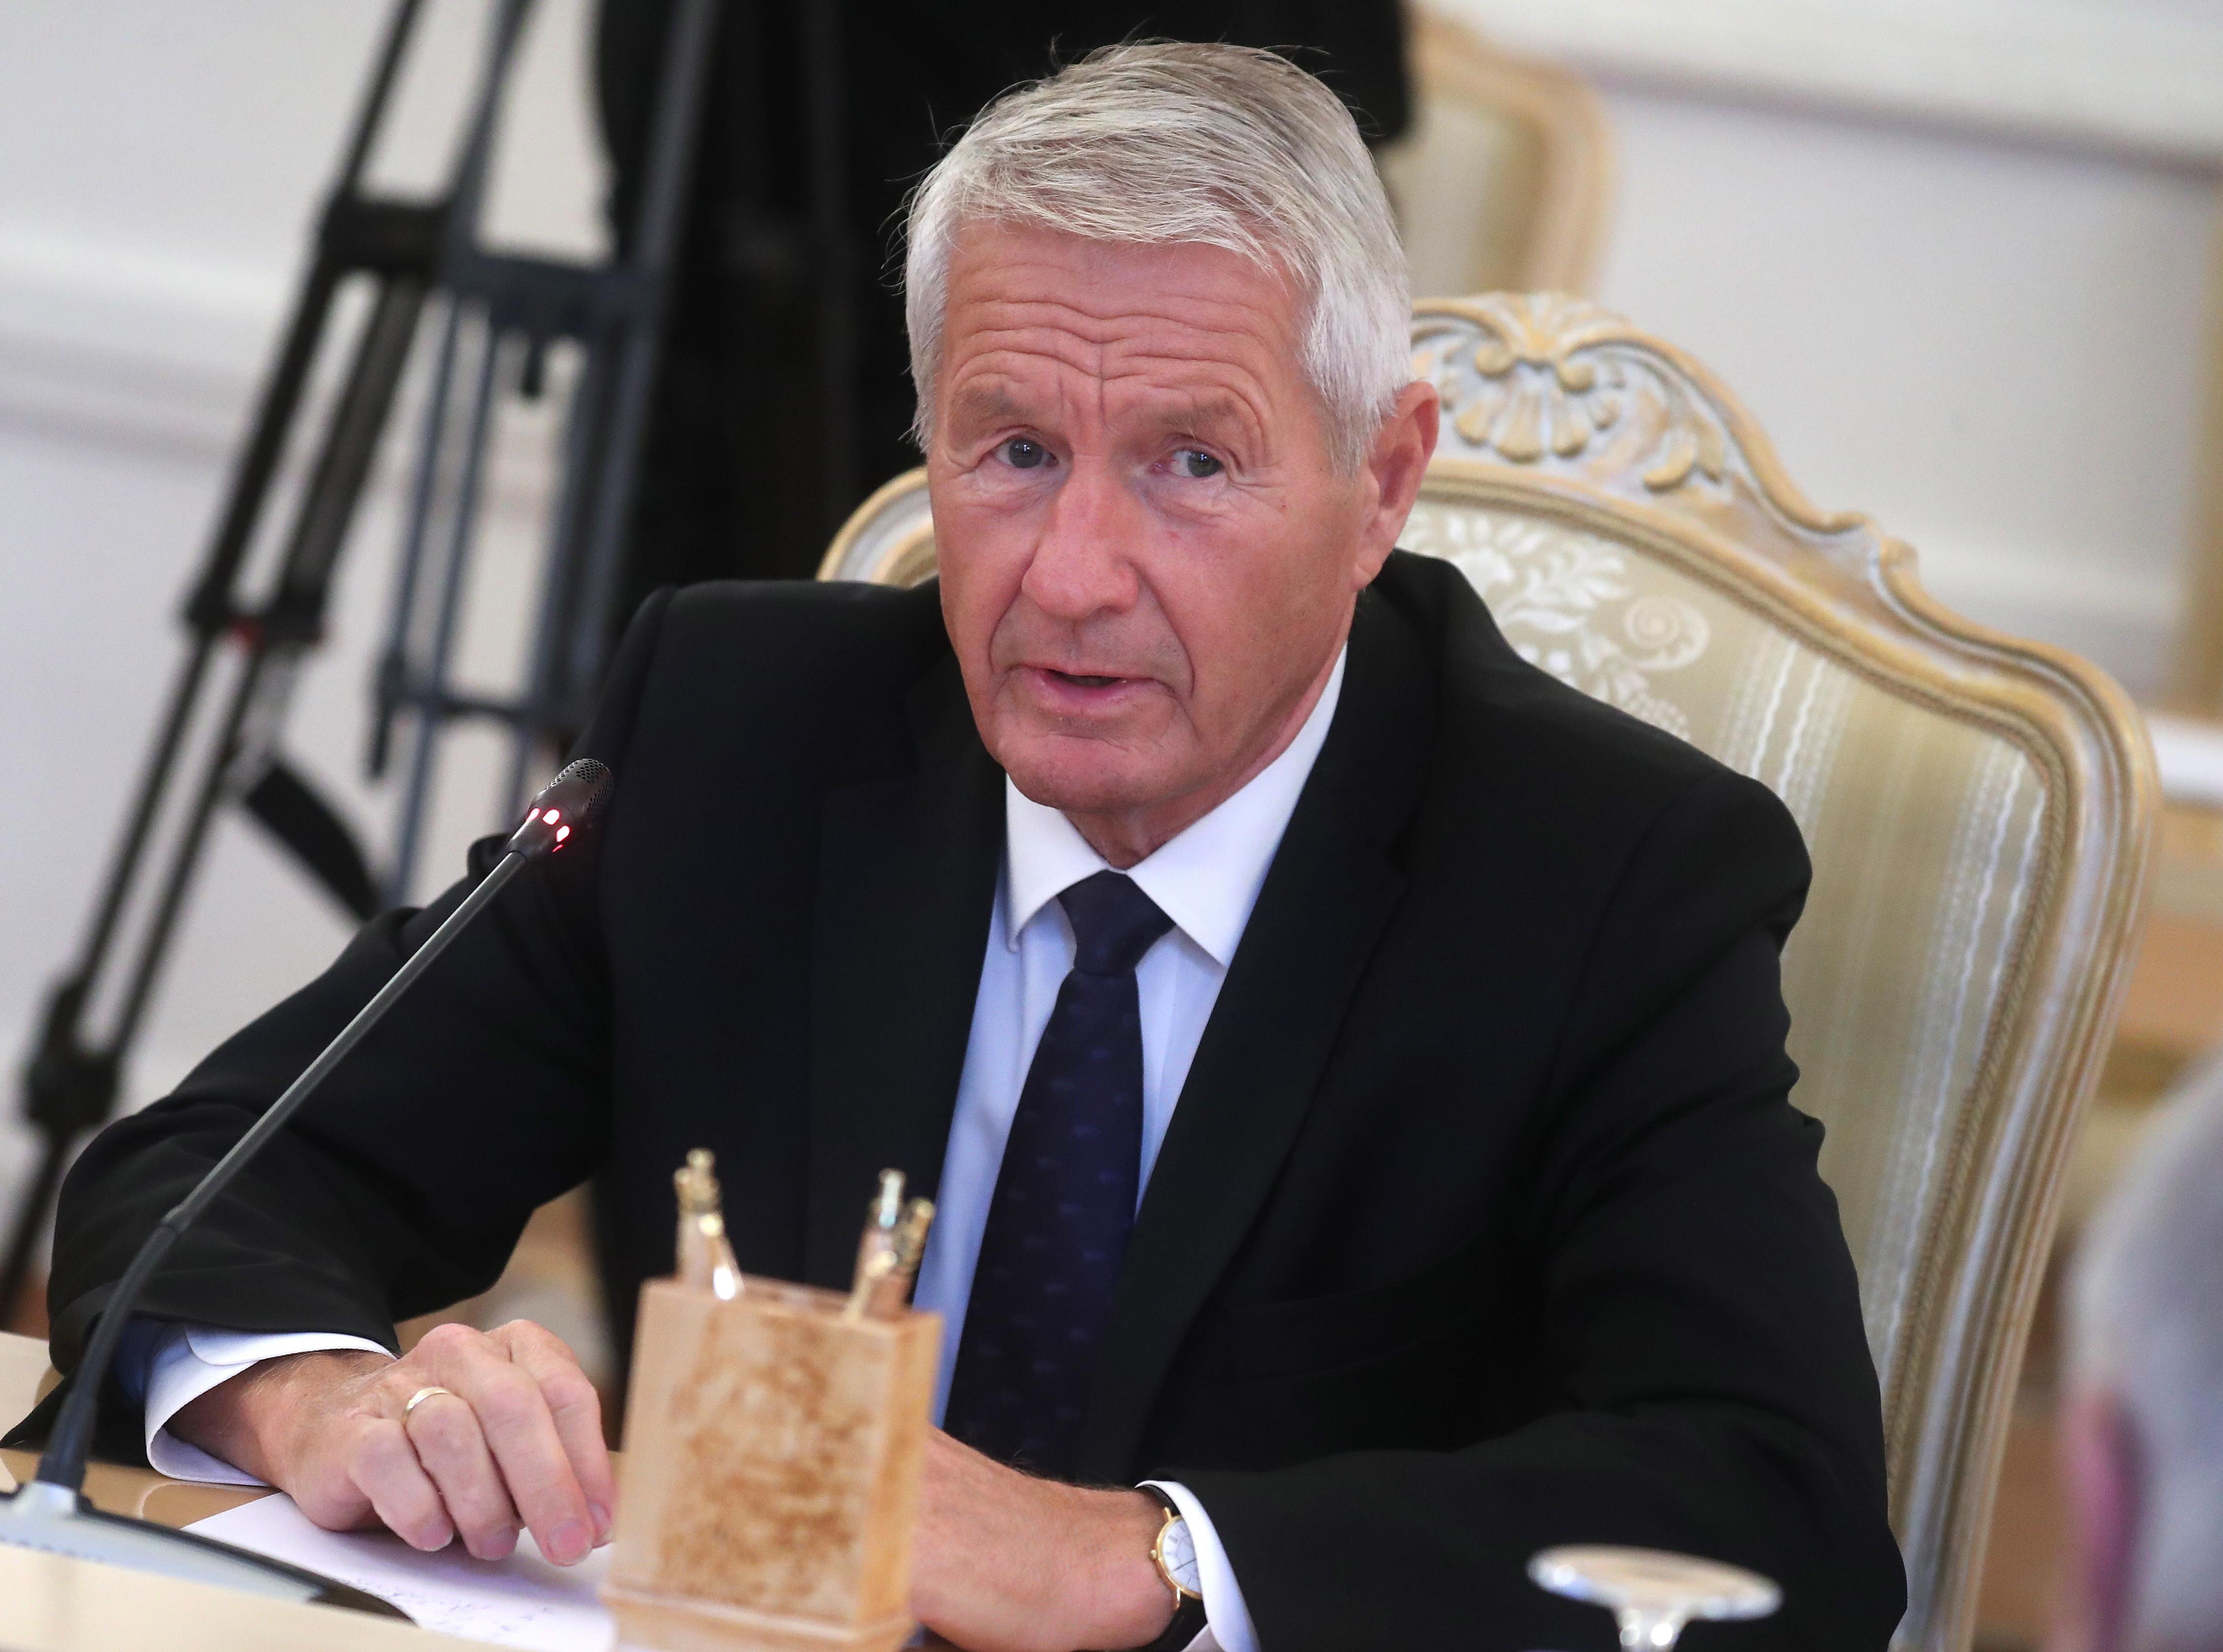 Генеральный секретарь Совета Европы поздравил В. Путина спобедой навыборах